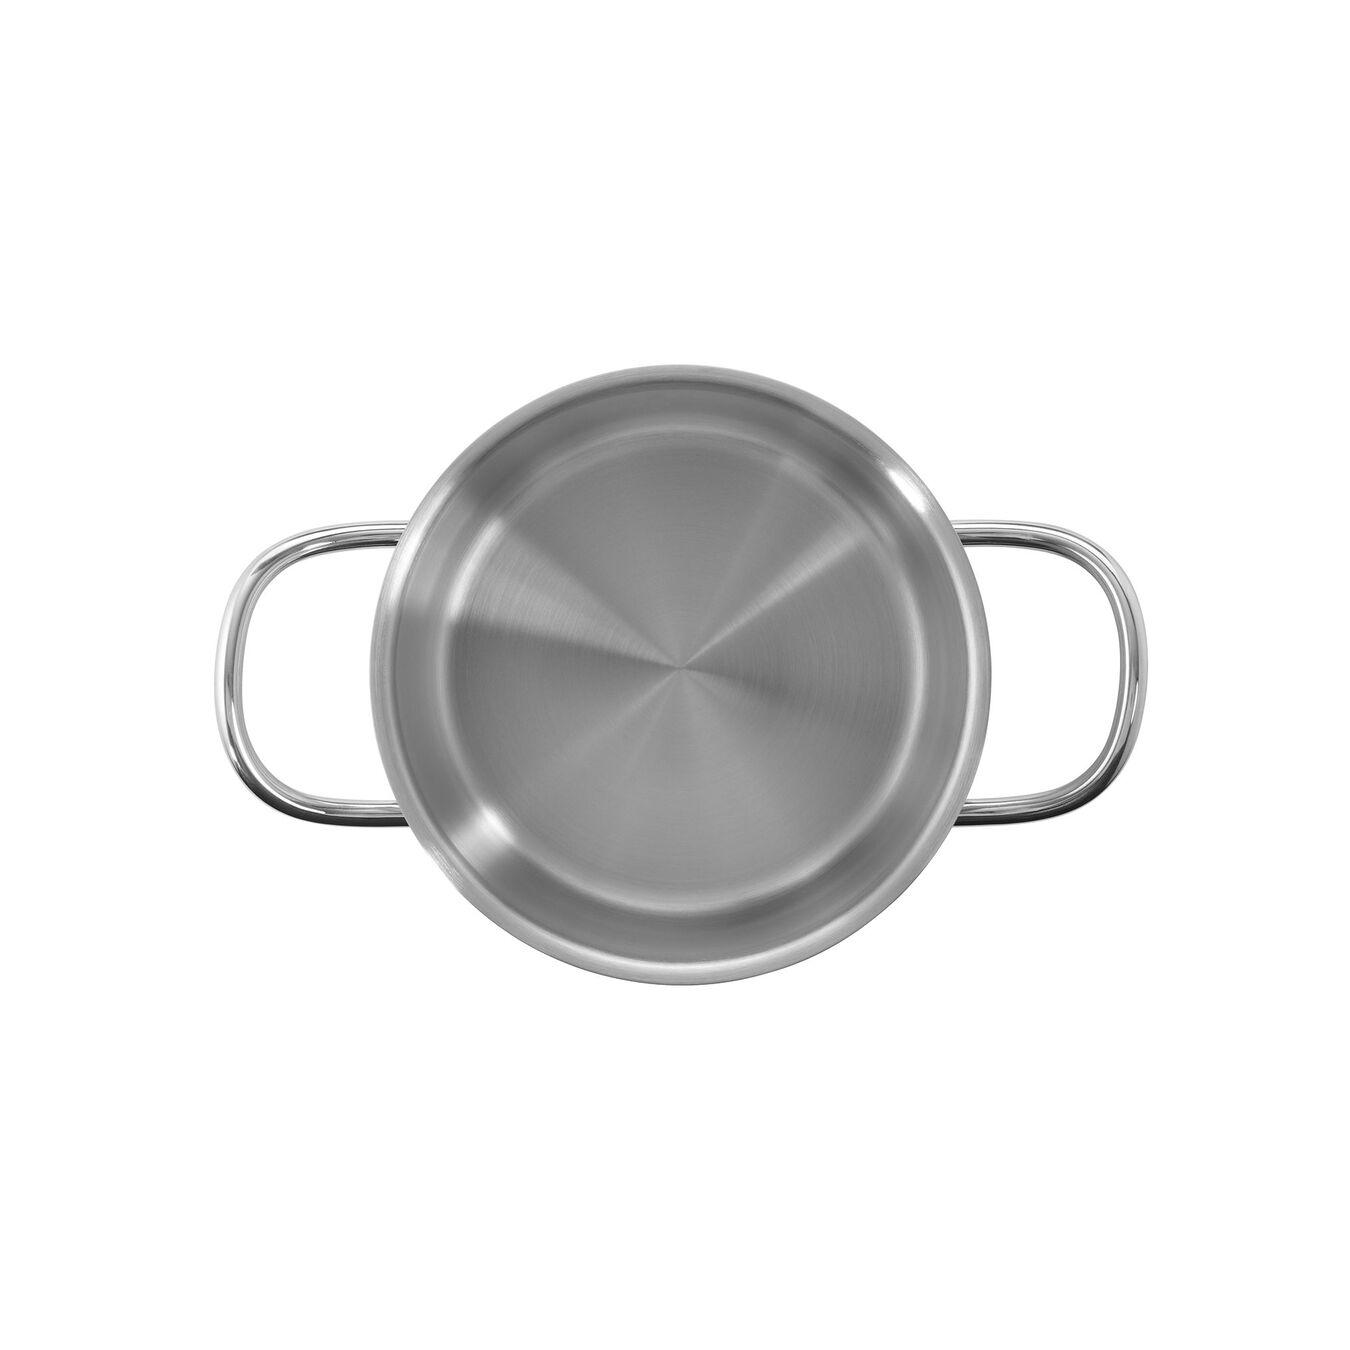 Ensemble de casseroles 5-pcs, Inox 18/10,,large 2